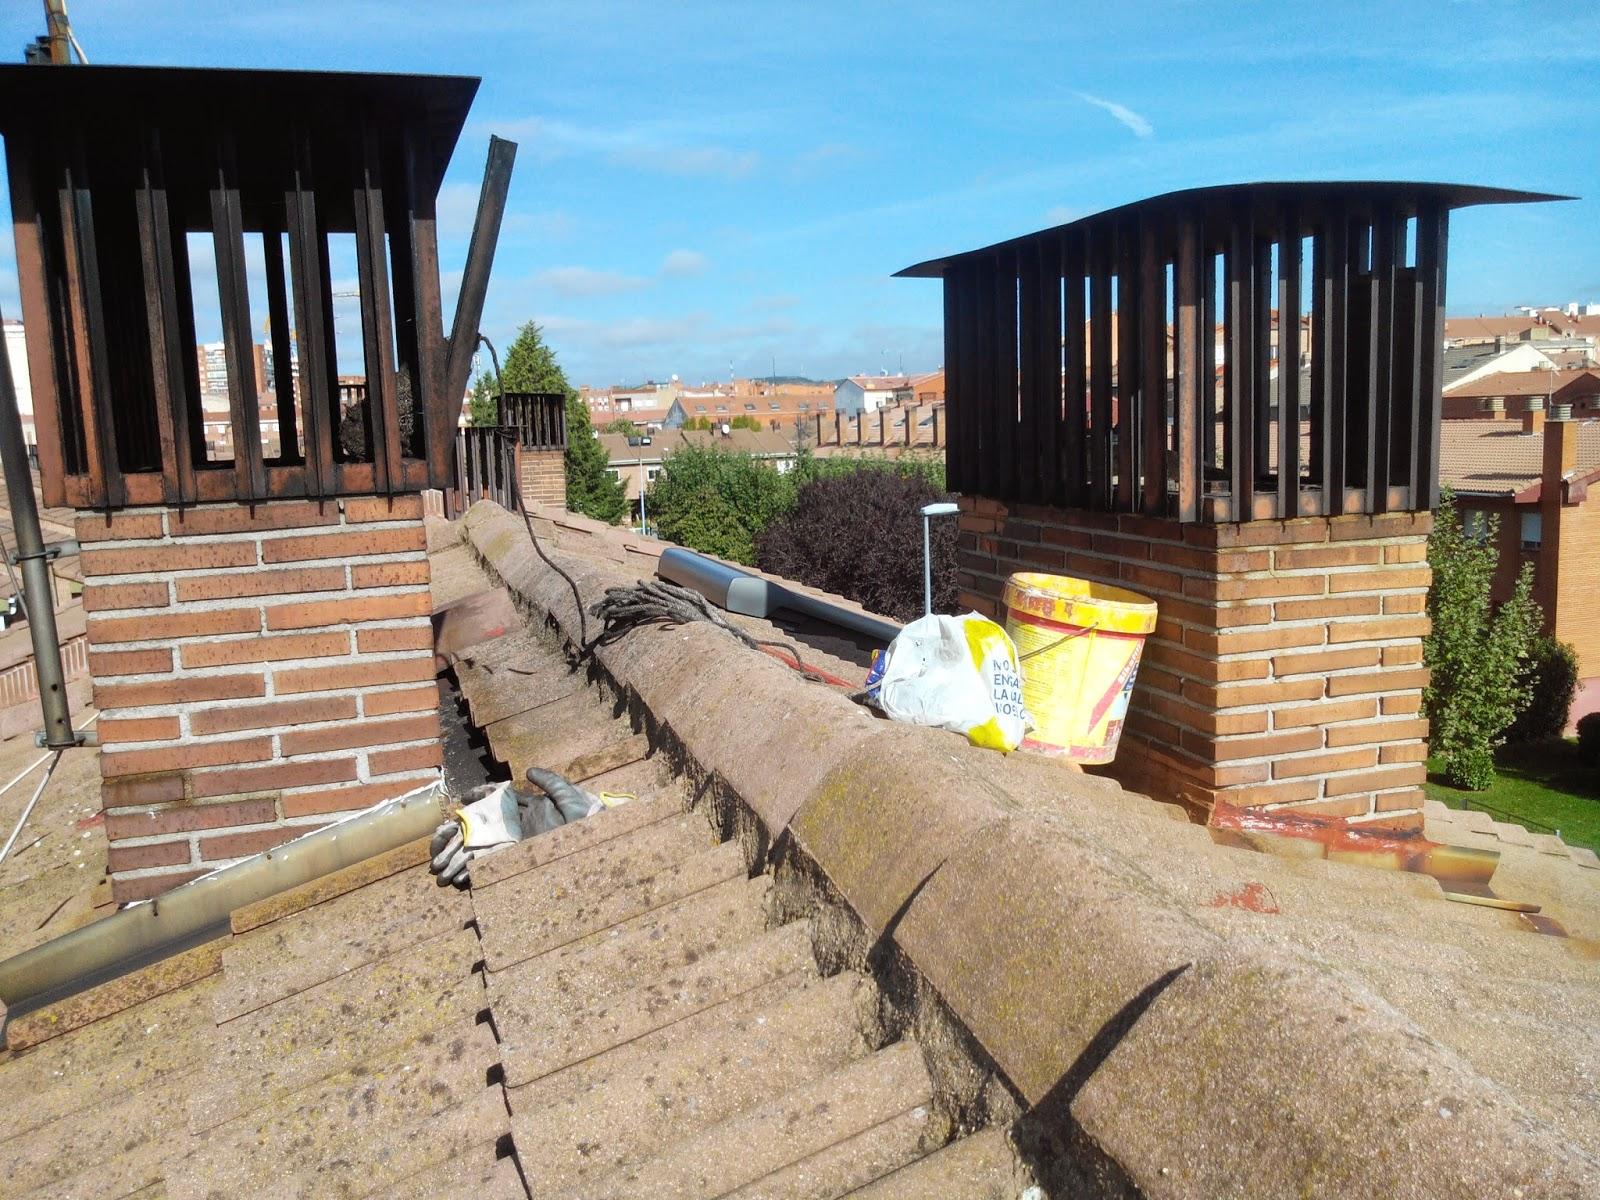 Fotos de Cómo Limpiamos Chimeneas en León, el Deshollinador en una Limpieza de chimeneas. Realizamos servicios de limpieza de chimeneas en León, presupuestos sin compromiso, tlf de contacto es 618848709 wasap y 987846623 te atenderemos rapido.